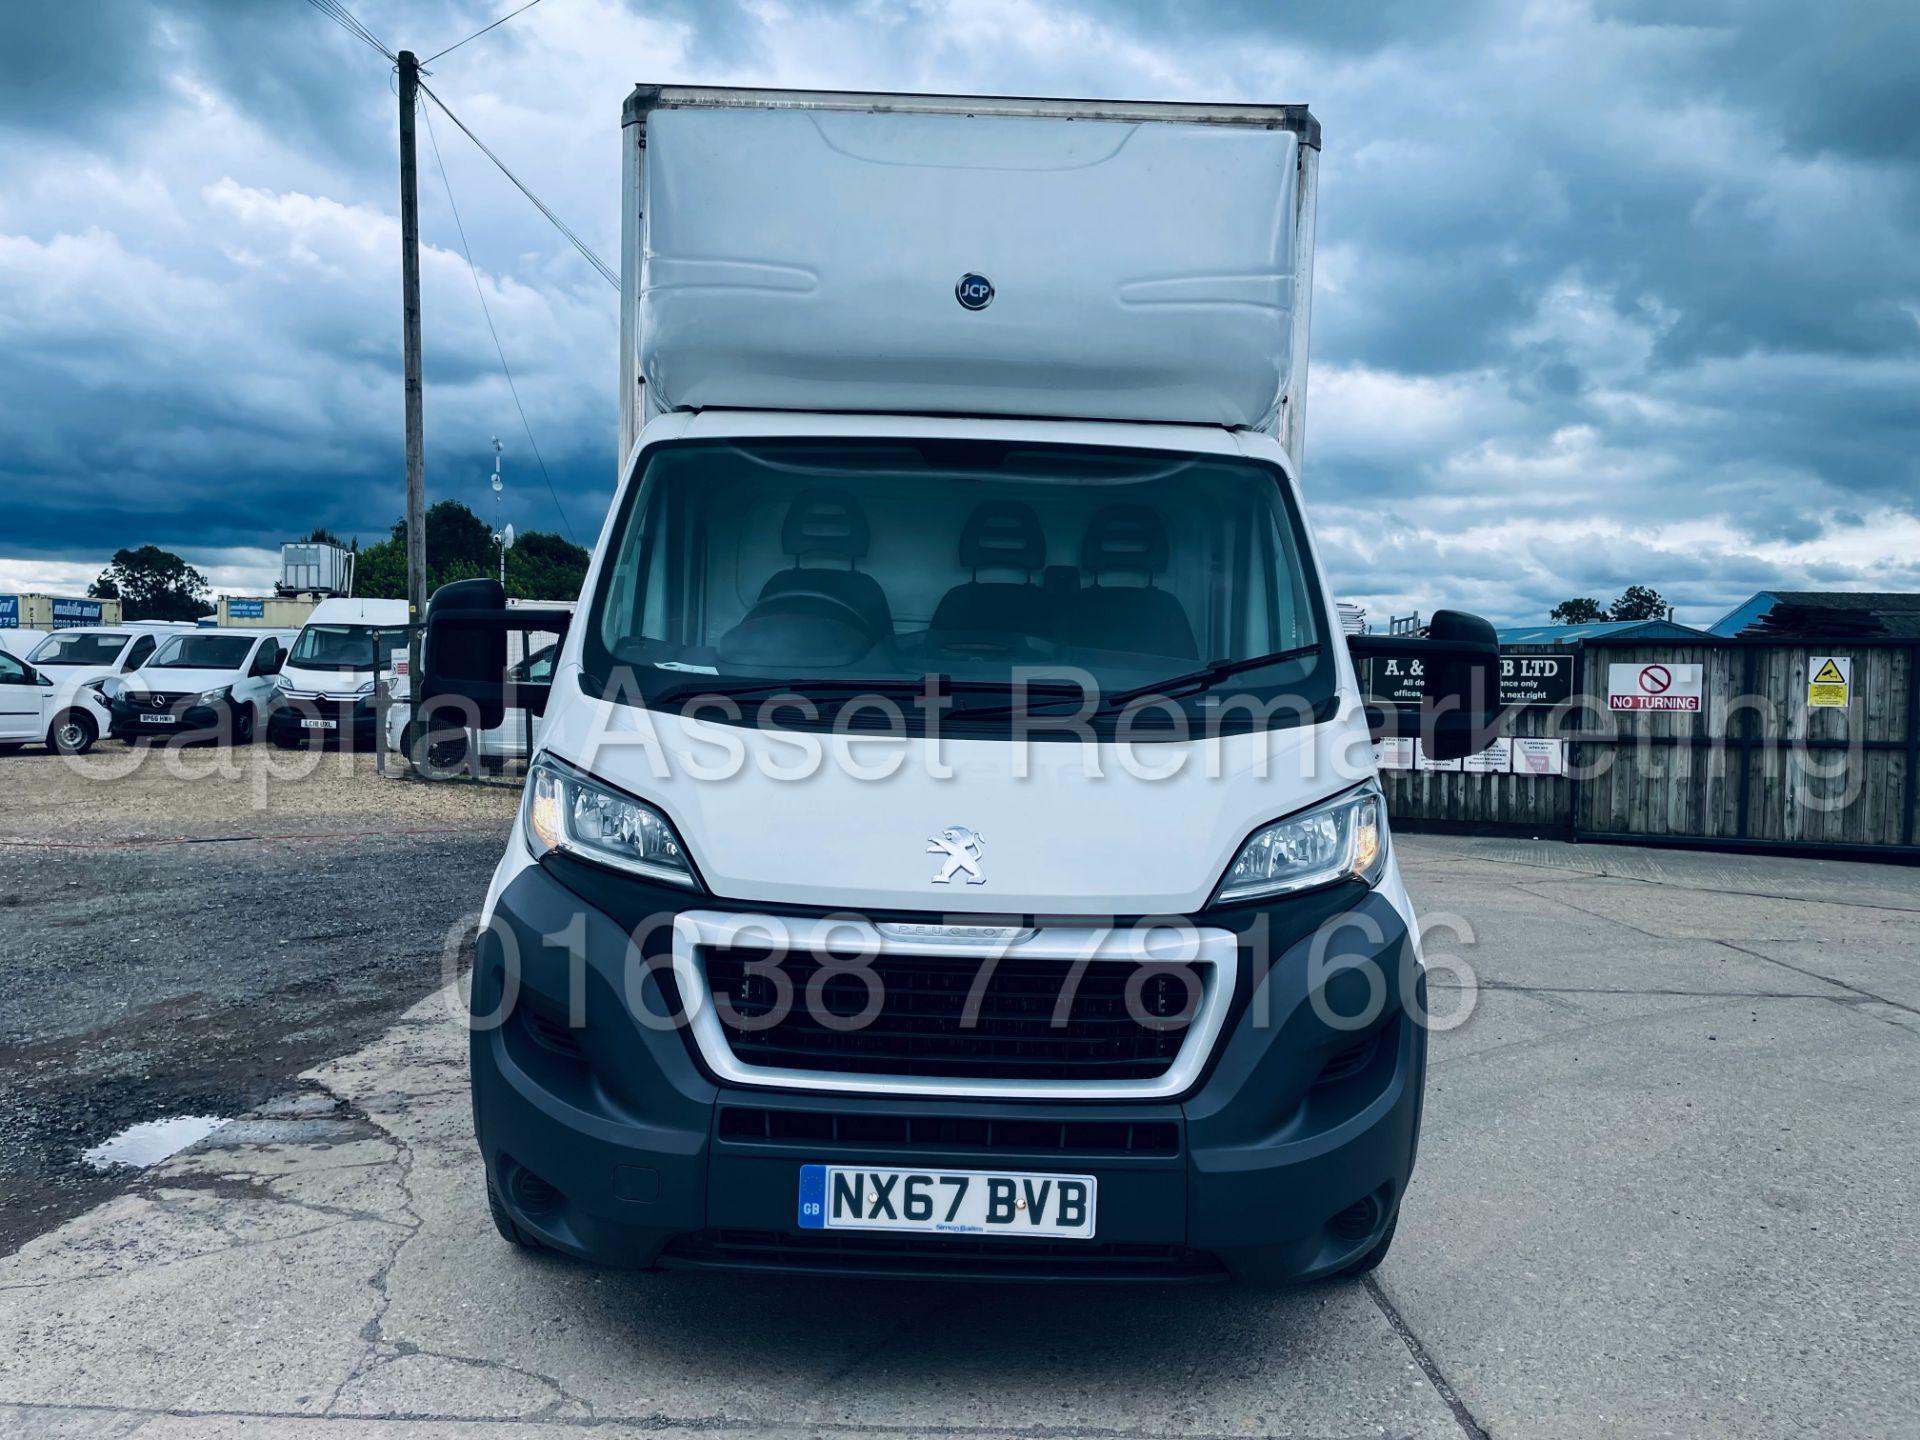 PEUGEOT BOXER *LWB - LOW LOADER / LUTON BOX VAN* (2018 - EURO 6) '2.0 BLUE HDI - 6 SPEED' *U-LEZ* - Image 14 of 41